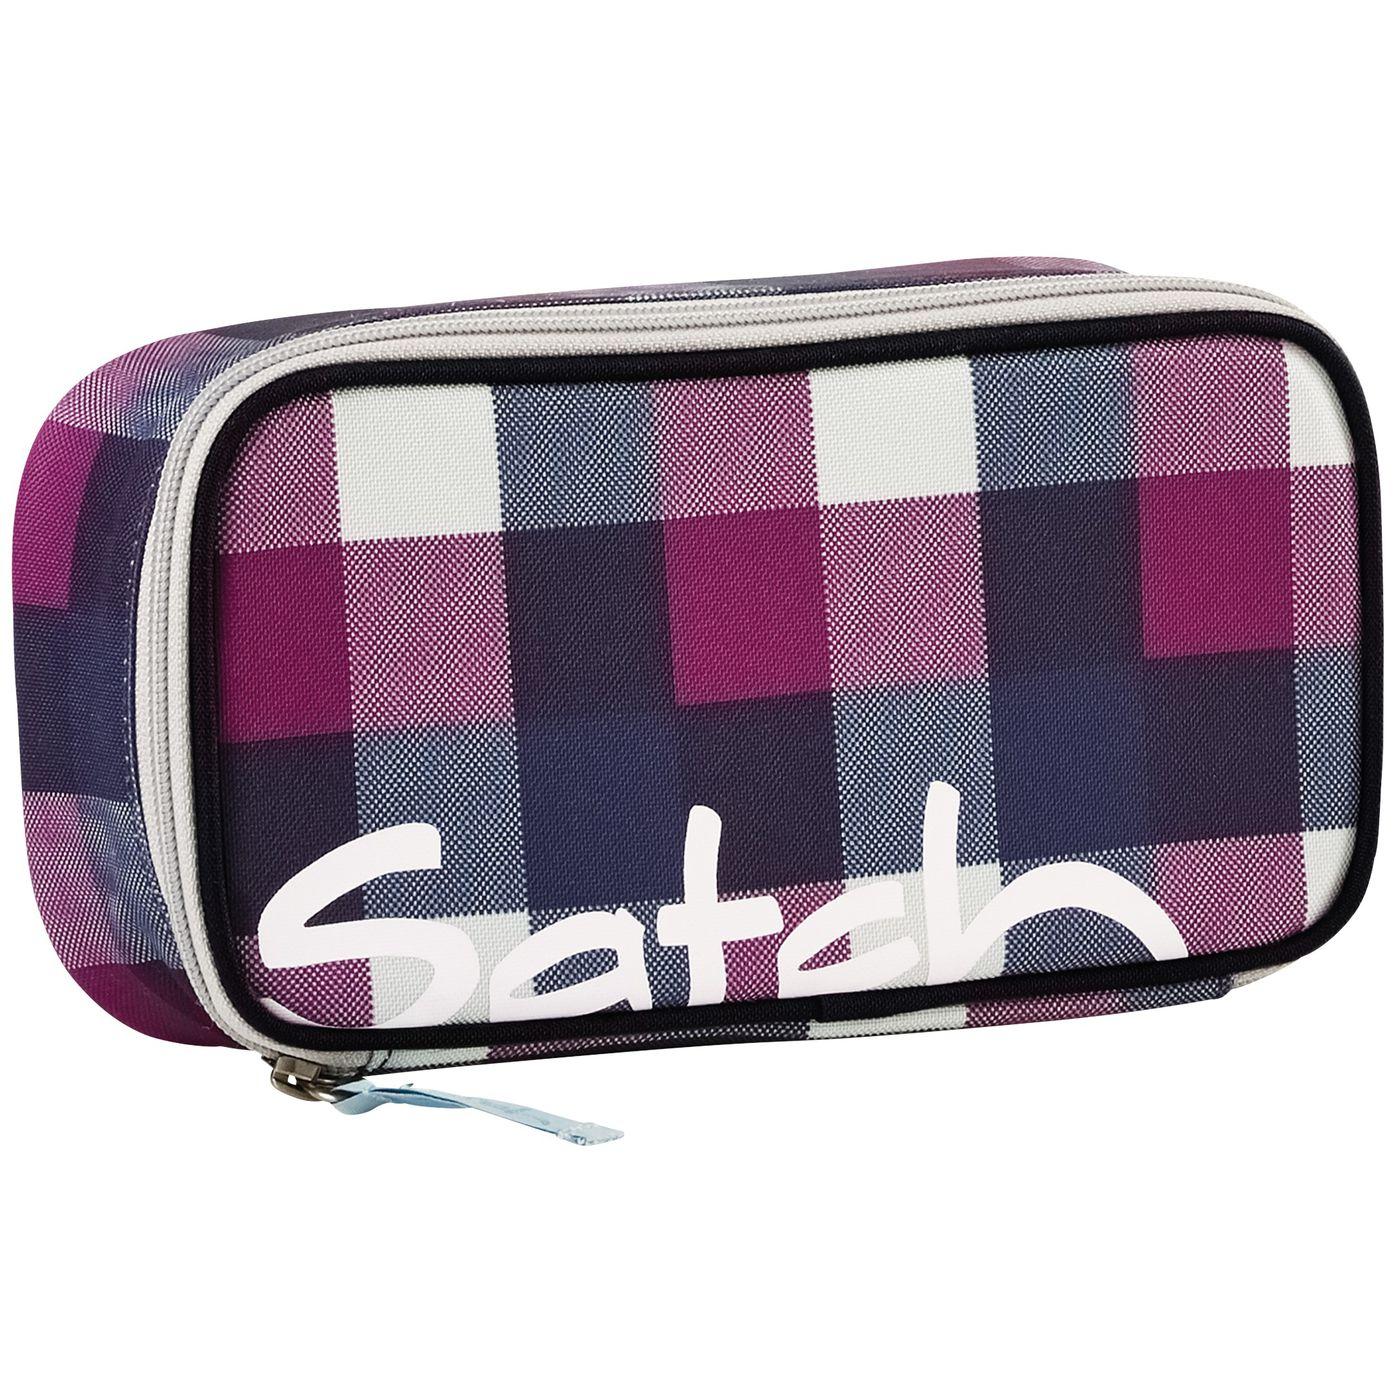 Satch коробка с разделитель лотка